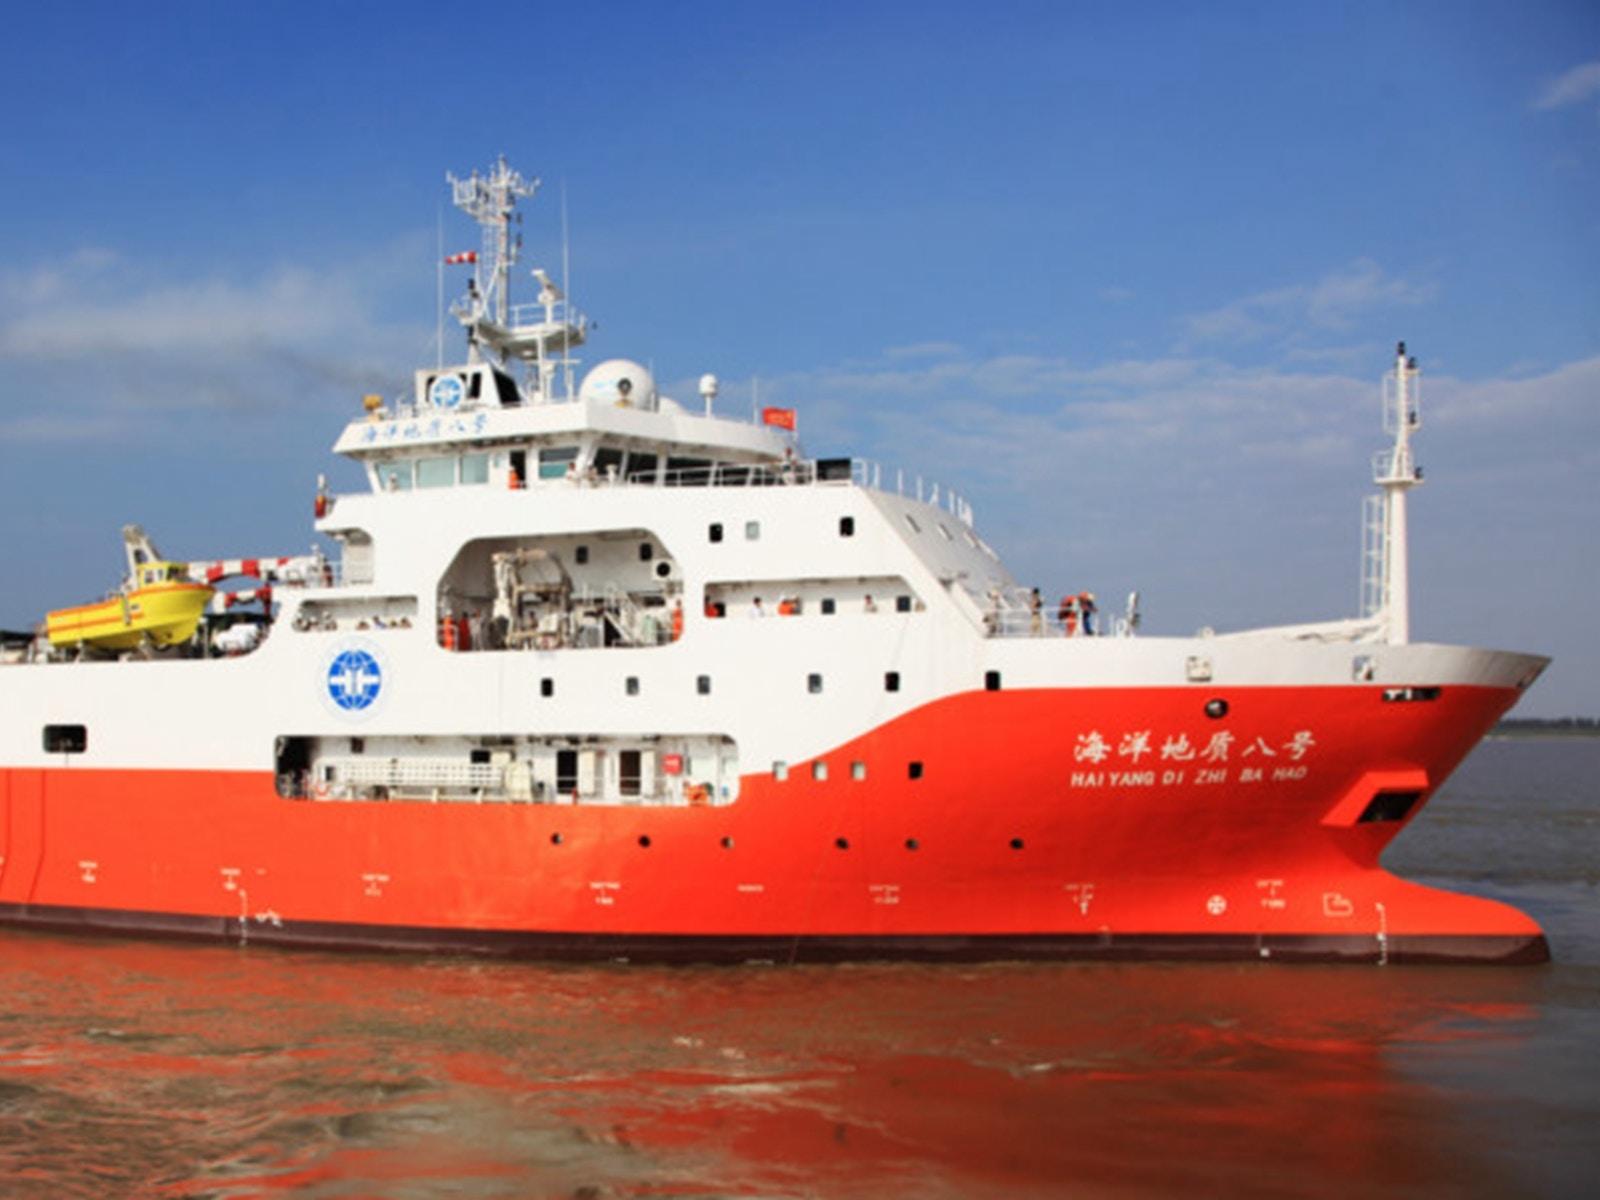 北京南沙油气勘探遭阻 中越再爆激烈对峙